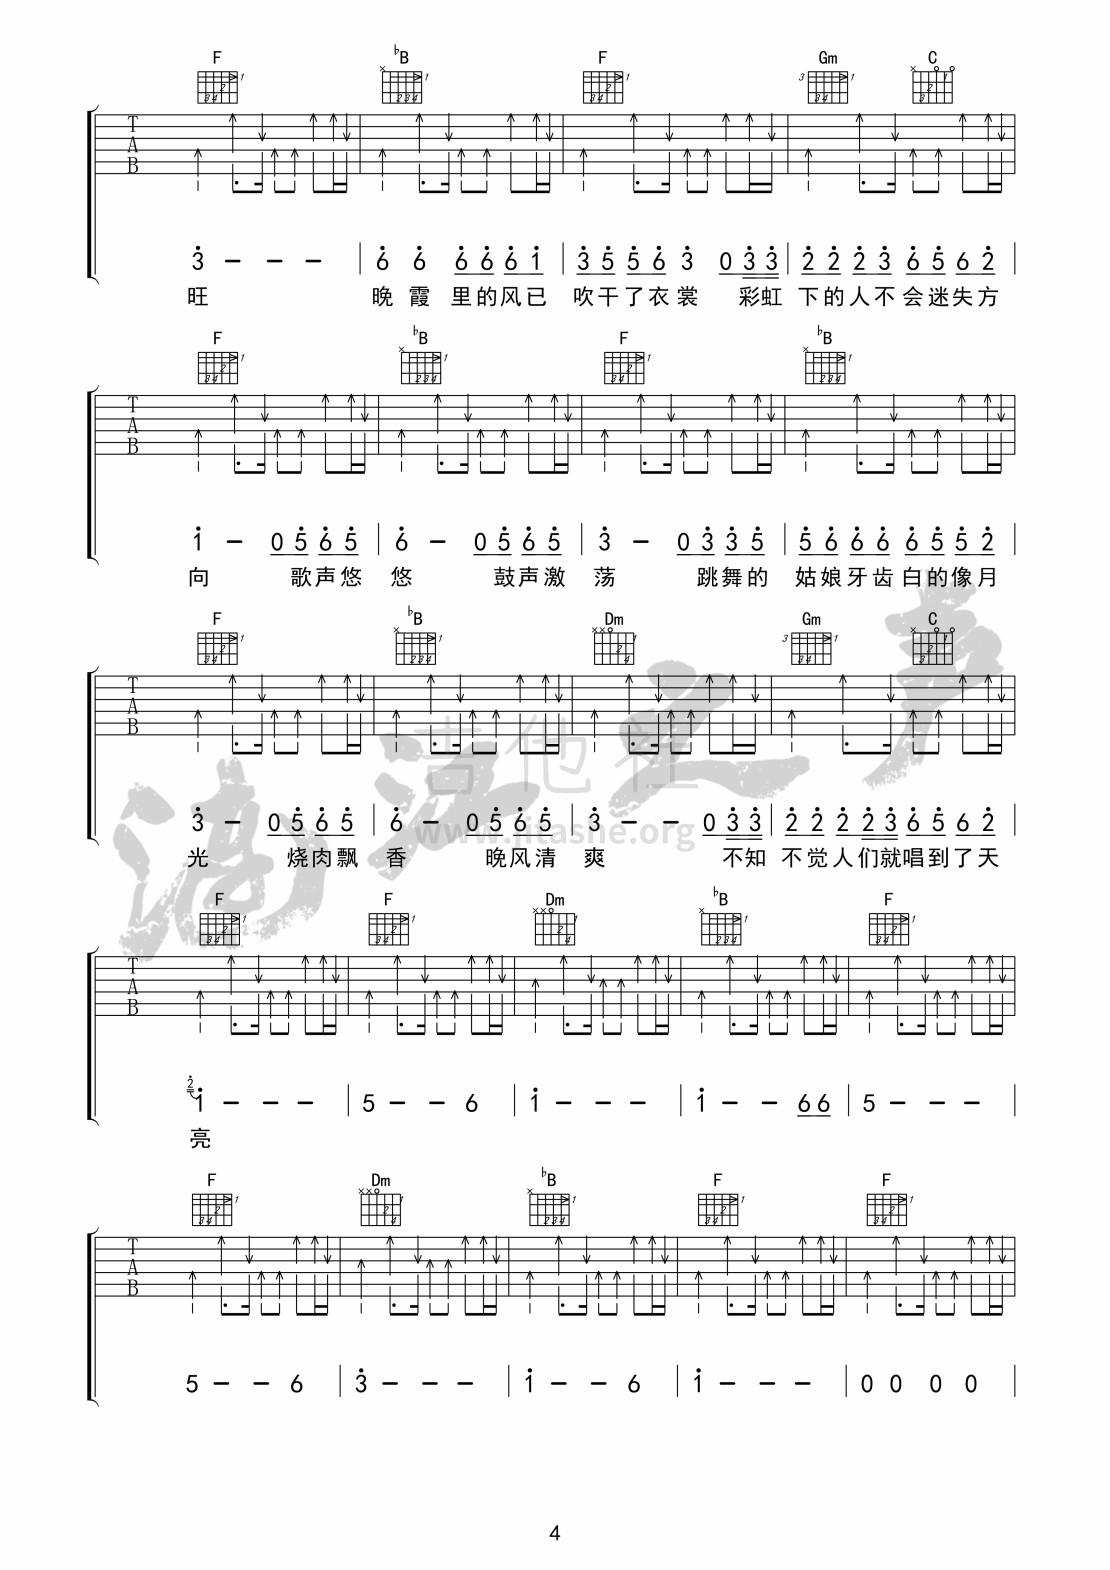 打印:彩虹下面(西虹市首富》电影推广曲吉他谱首发)吉他谱_赵雷(雷子)_彩虹下面 吉他谱04.jpg